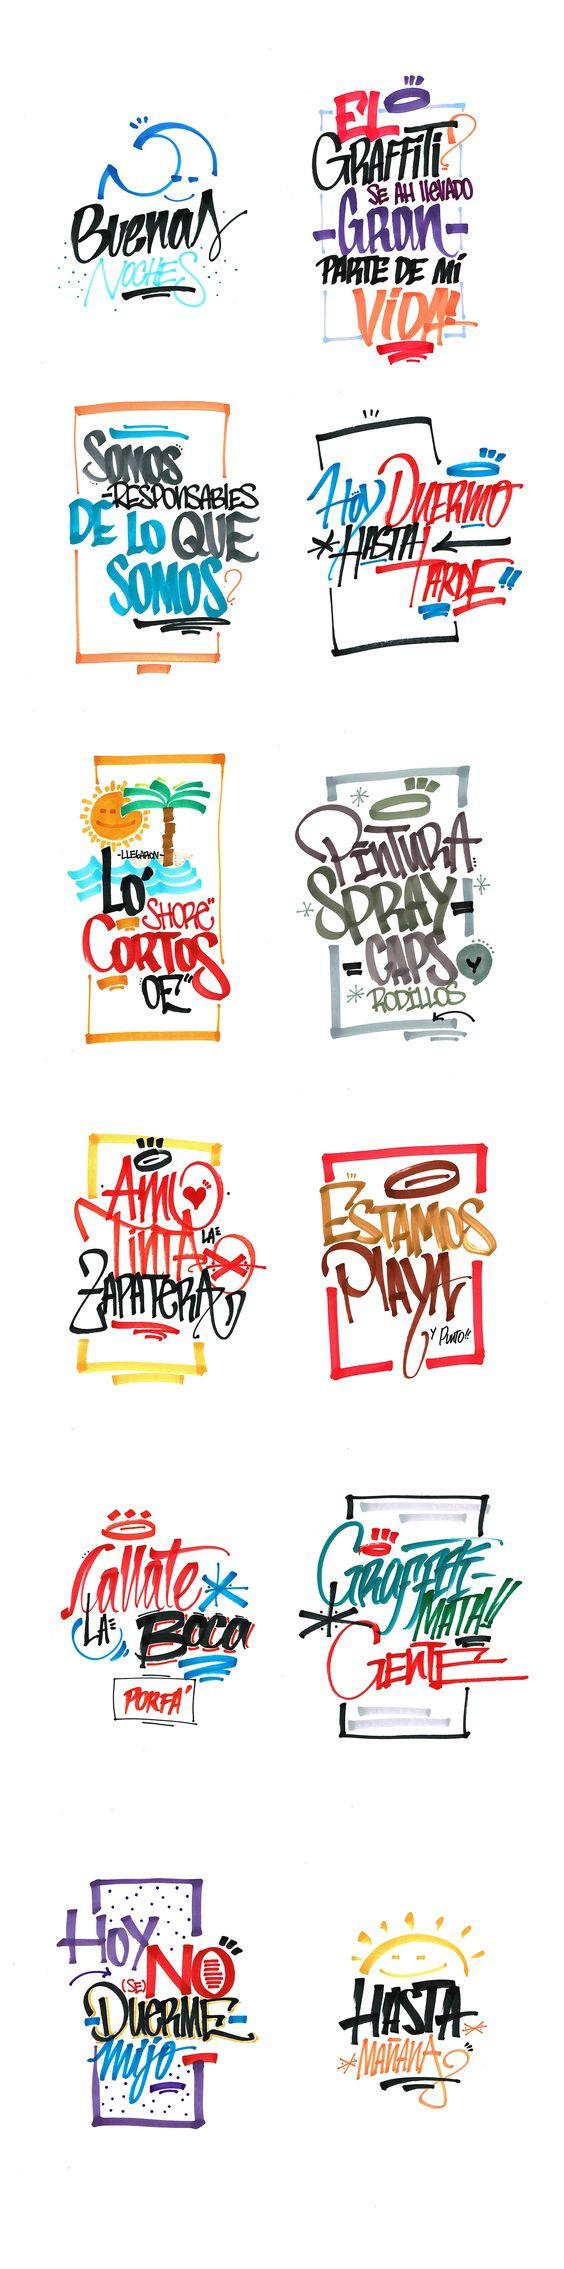 Serie de lettering al azar con gestualidad del Graffiti.